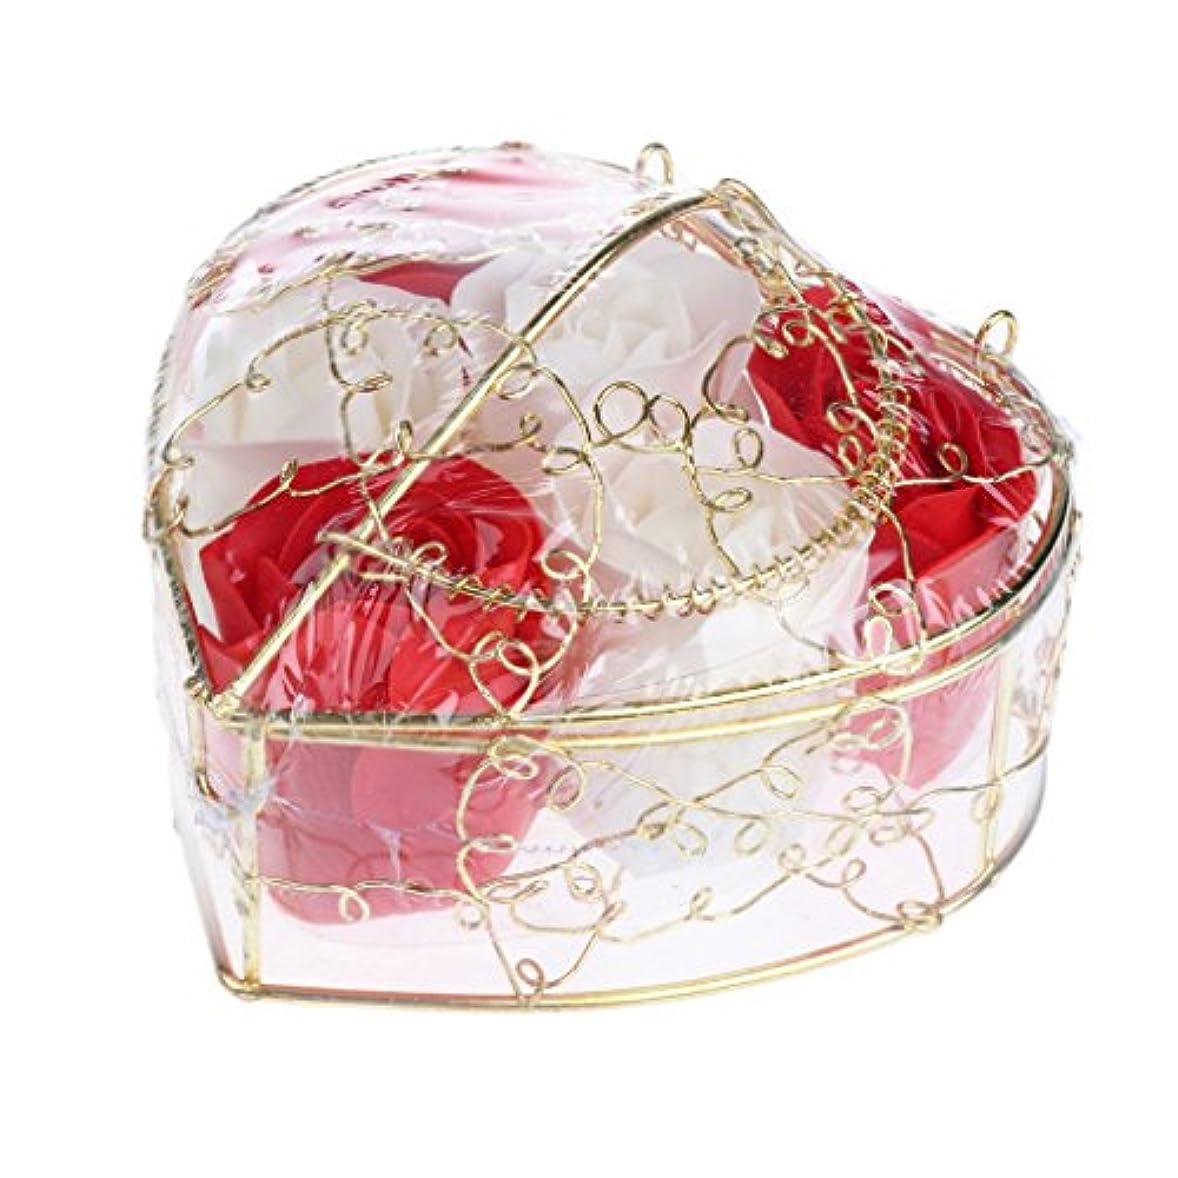 行列好奇心盛侵略6個 石鹸の花 石鹸花 造花 フラワー バラ ソープフラワー シャボンフラワー フラワーボックス プレゼント 全5タイプ選べる - 赤と白